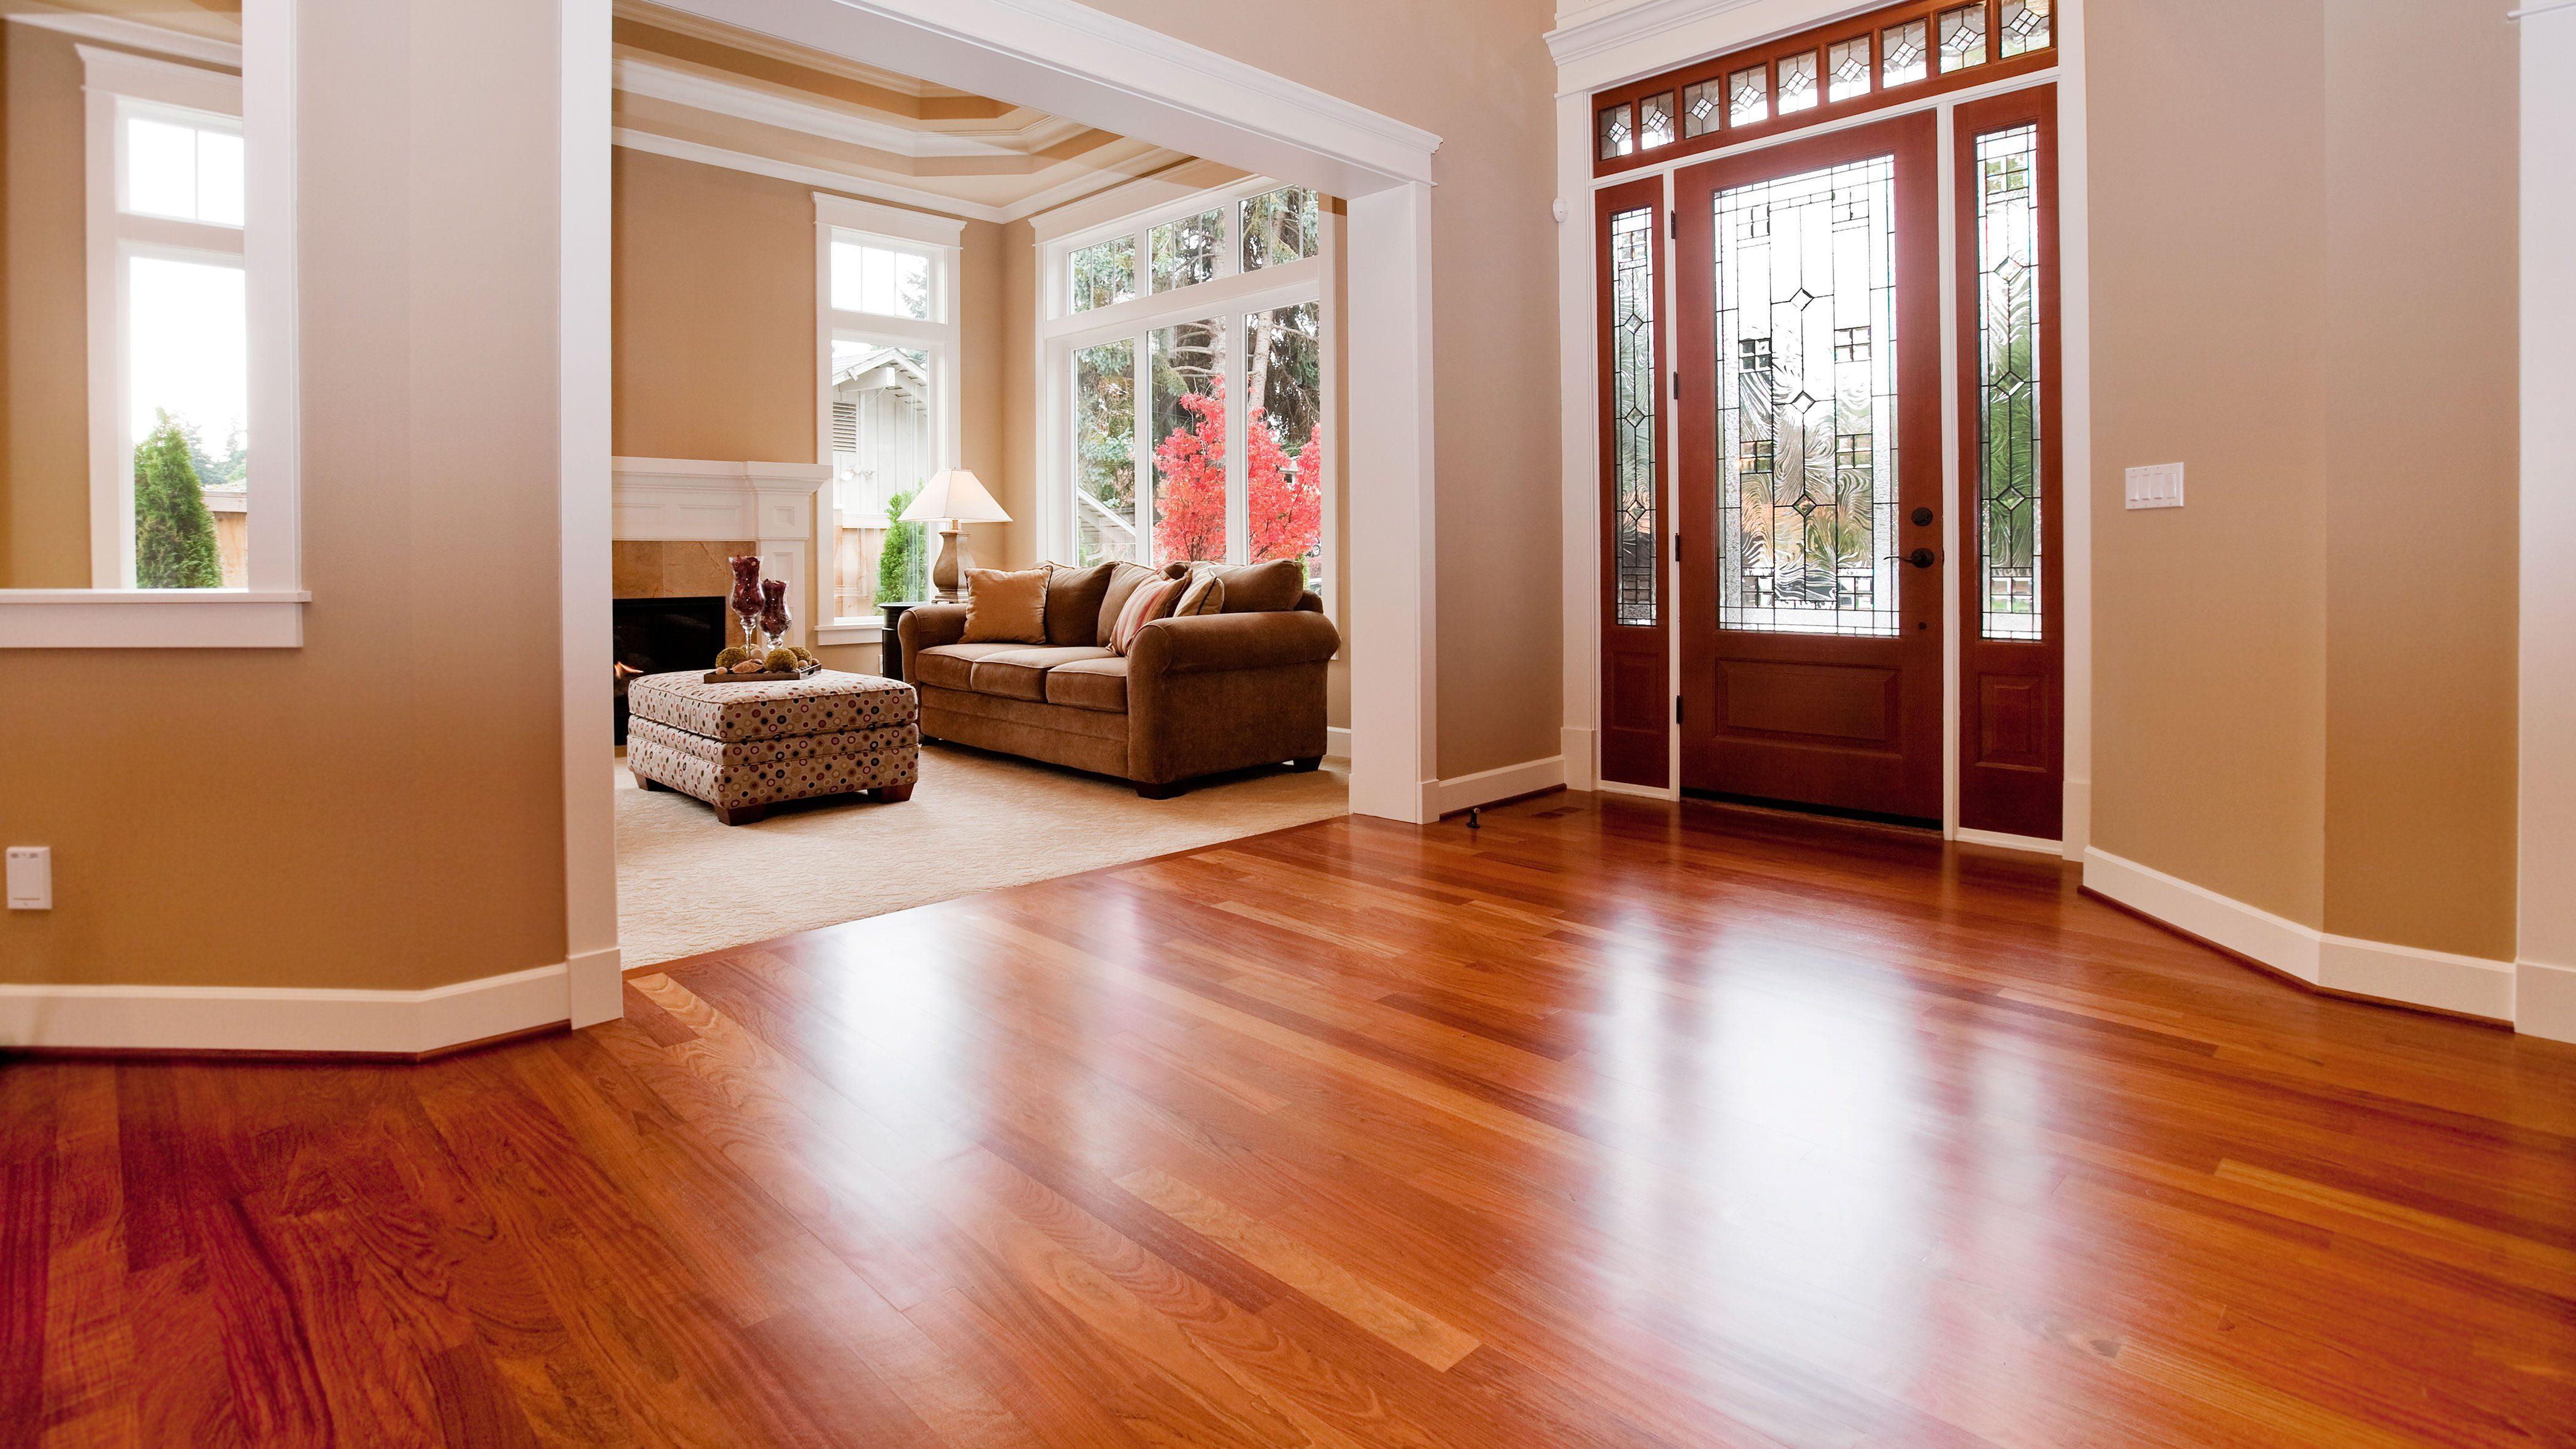 The Best Way to Clean Hardwood FloorsRevealed  Pinnacle